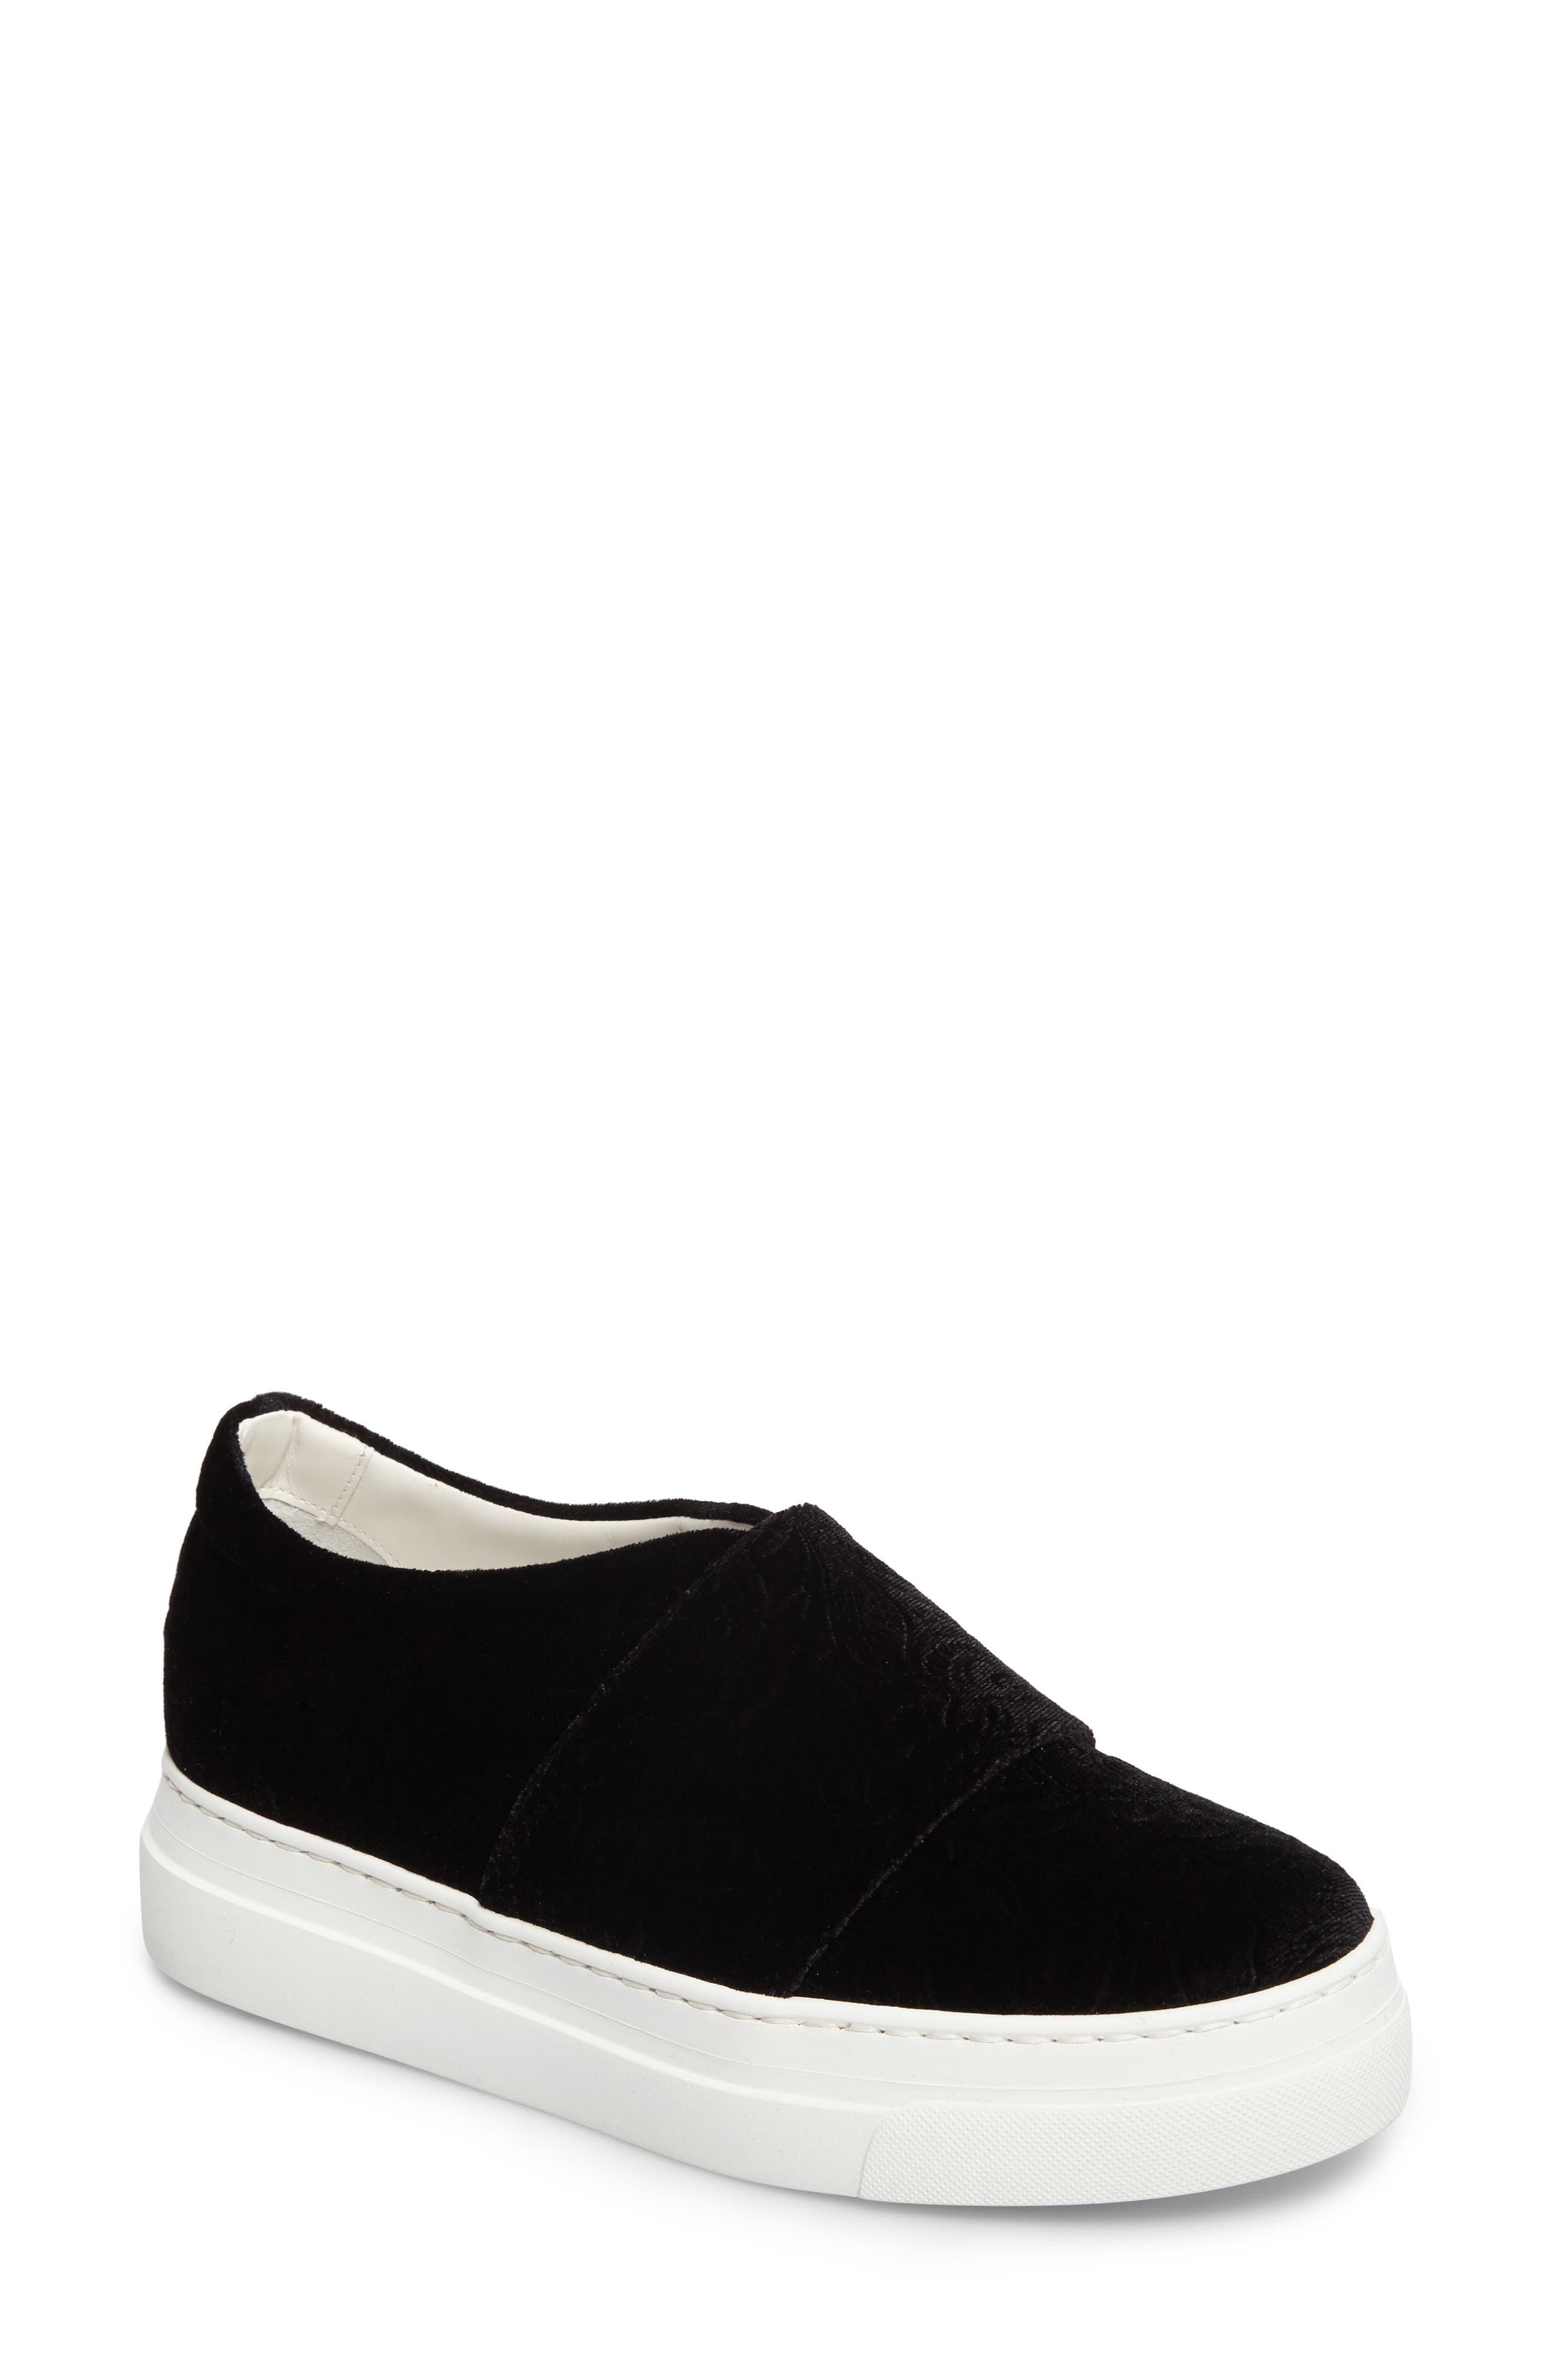 Alternate Image 1 Selected - Lewit Arlo Slip-On Platform Sneaker (Women)